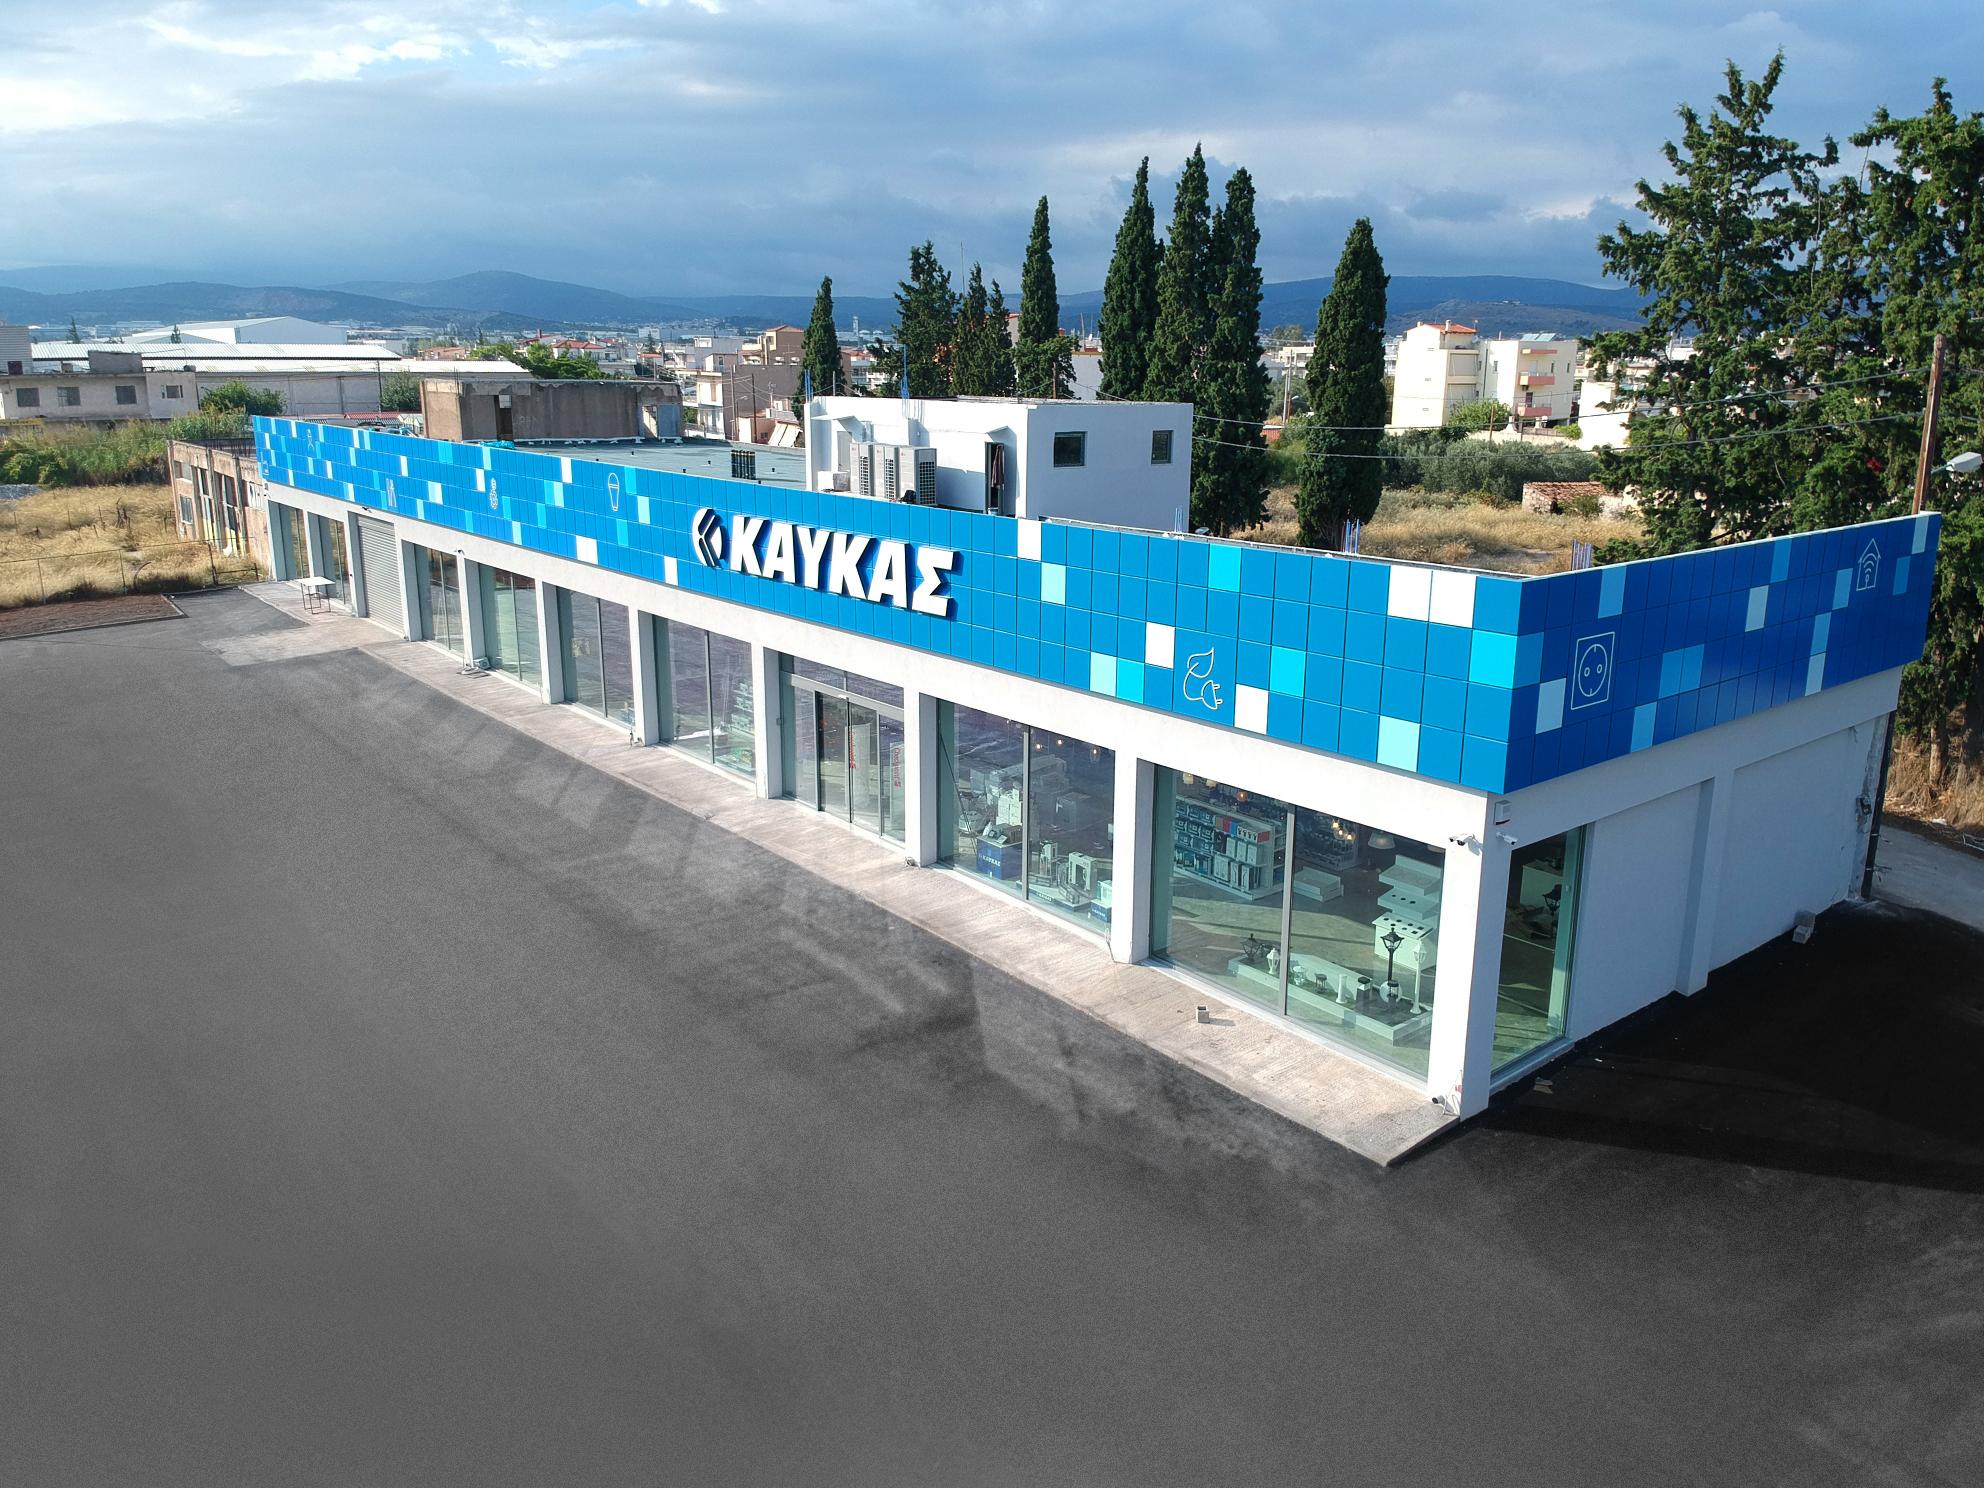 Νέο κατάστημα της Β. ΚΑΥΚΑΣ Α.Ε. στην Ελευσίνα